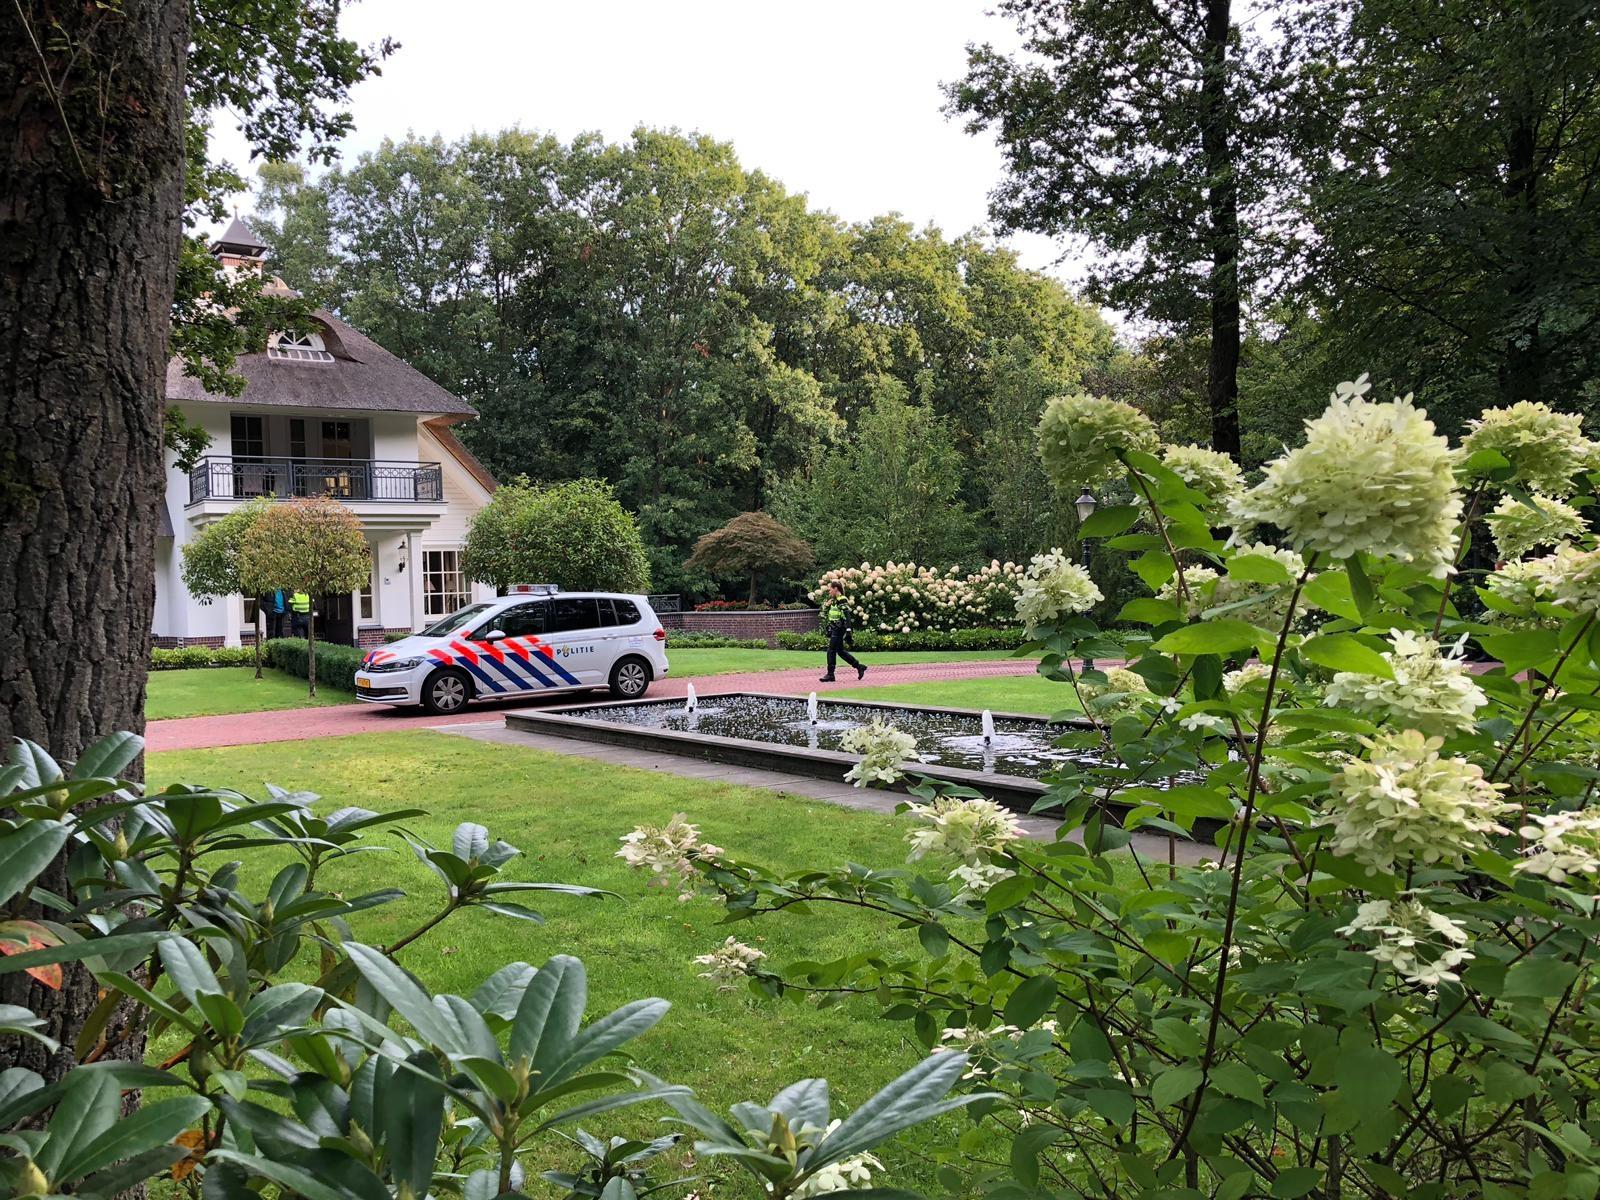 Politie doet onderzoek na overval in Beekbergen